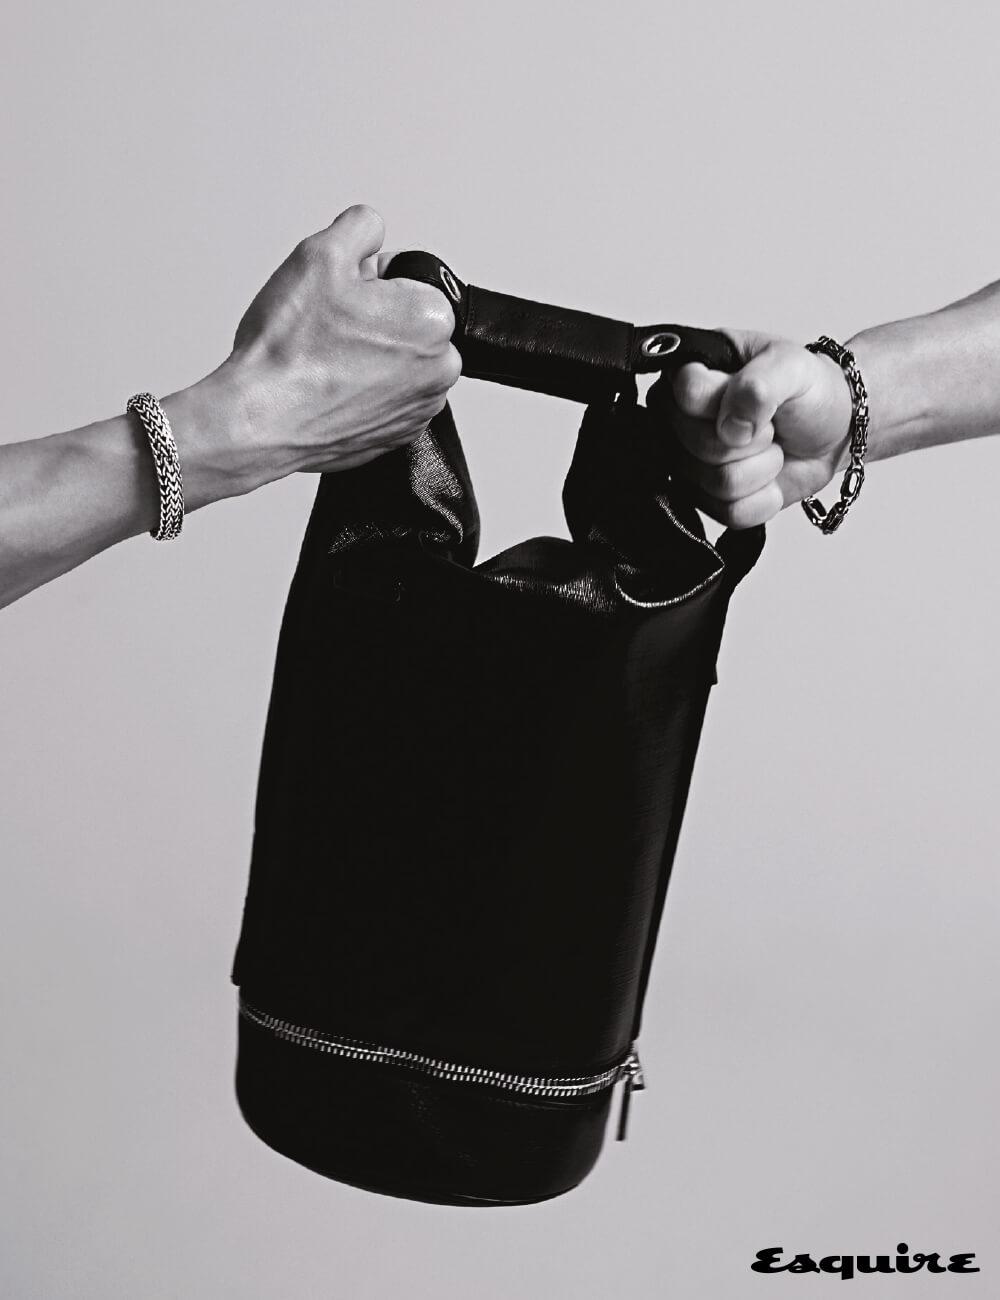 가방 가격 미정 지방시. 왼쪽 팔찌 125만원 존 하디. 오른쪽 팔찌 가격 미정 생 로랑 by 안토니 바카렐로.